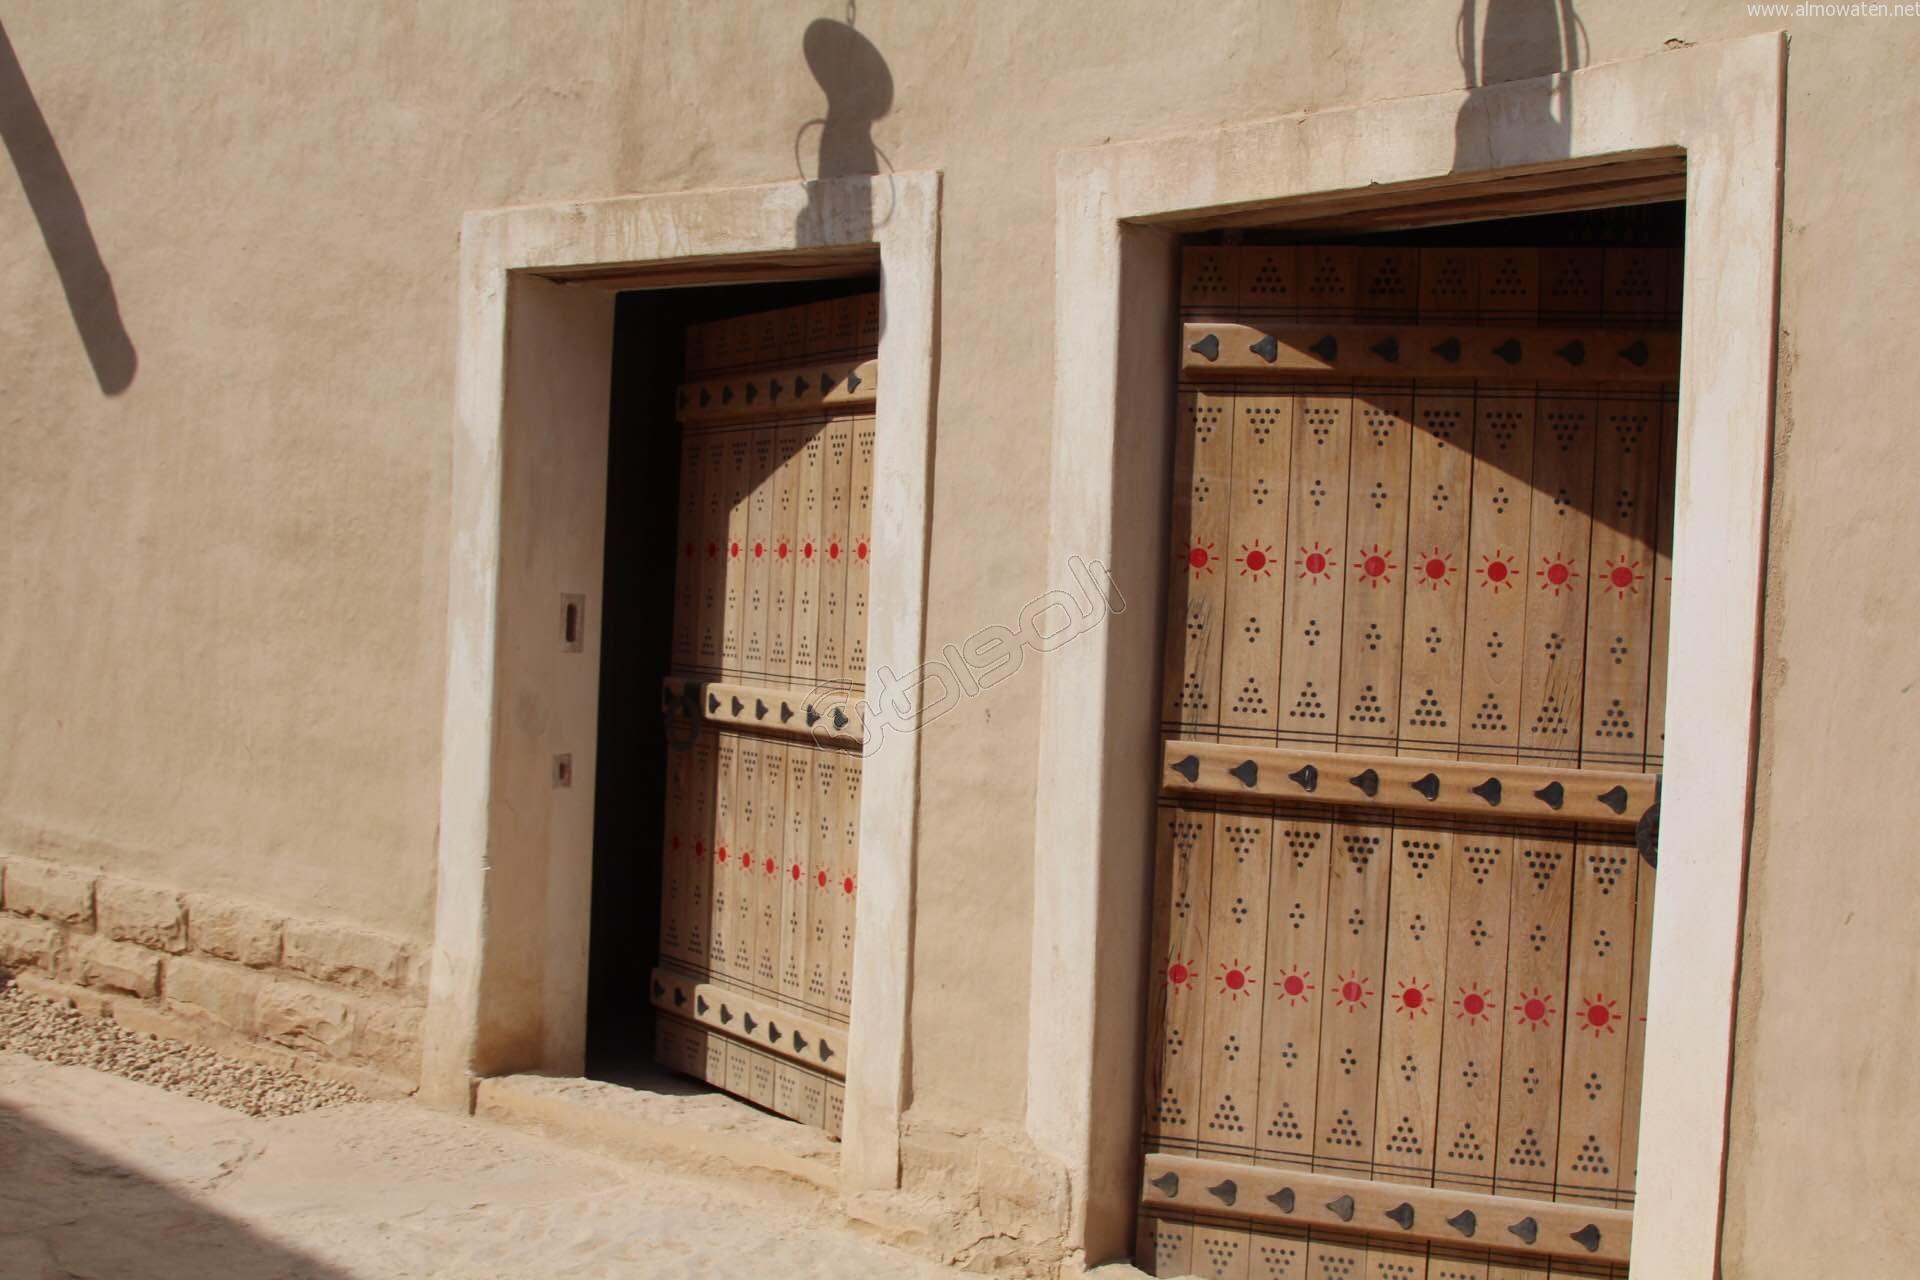 زيارامير-الرياض (13)